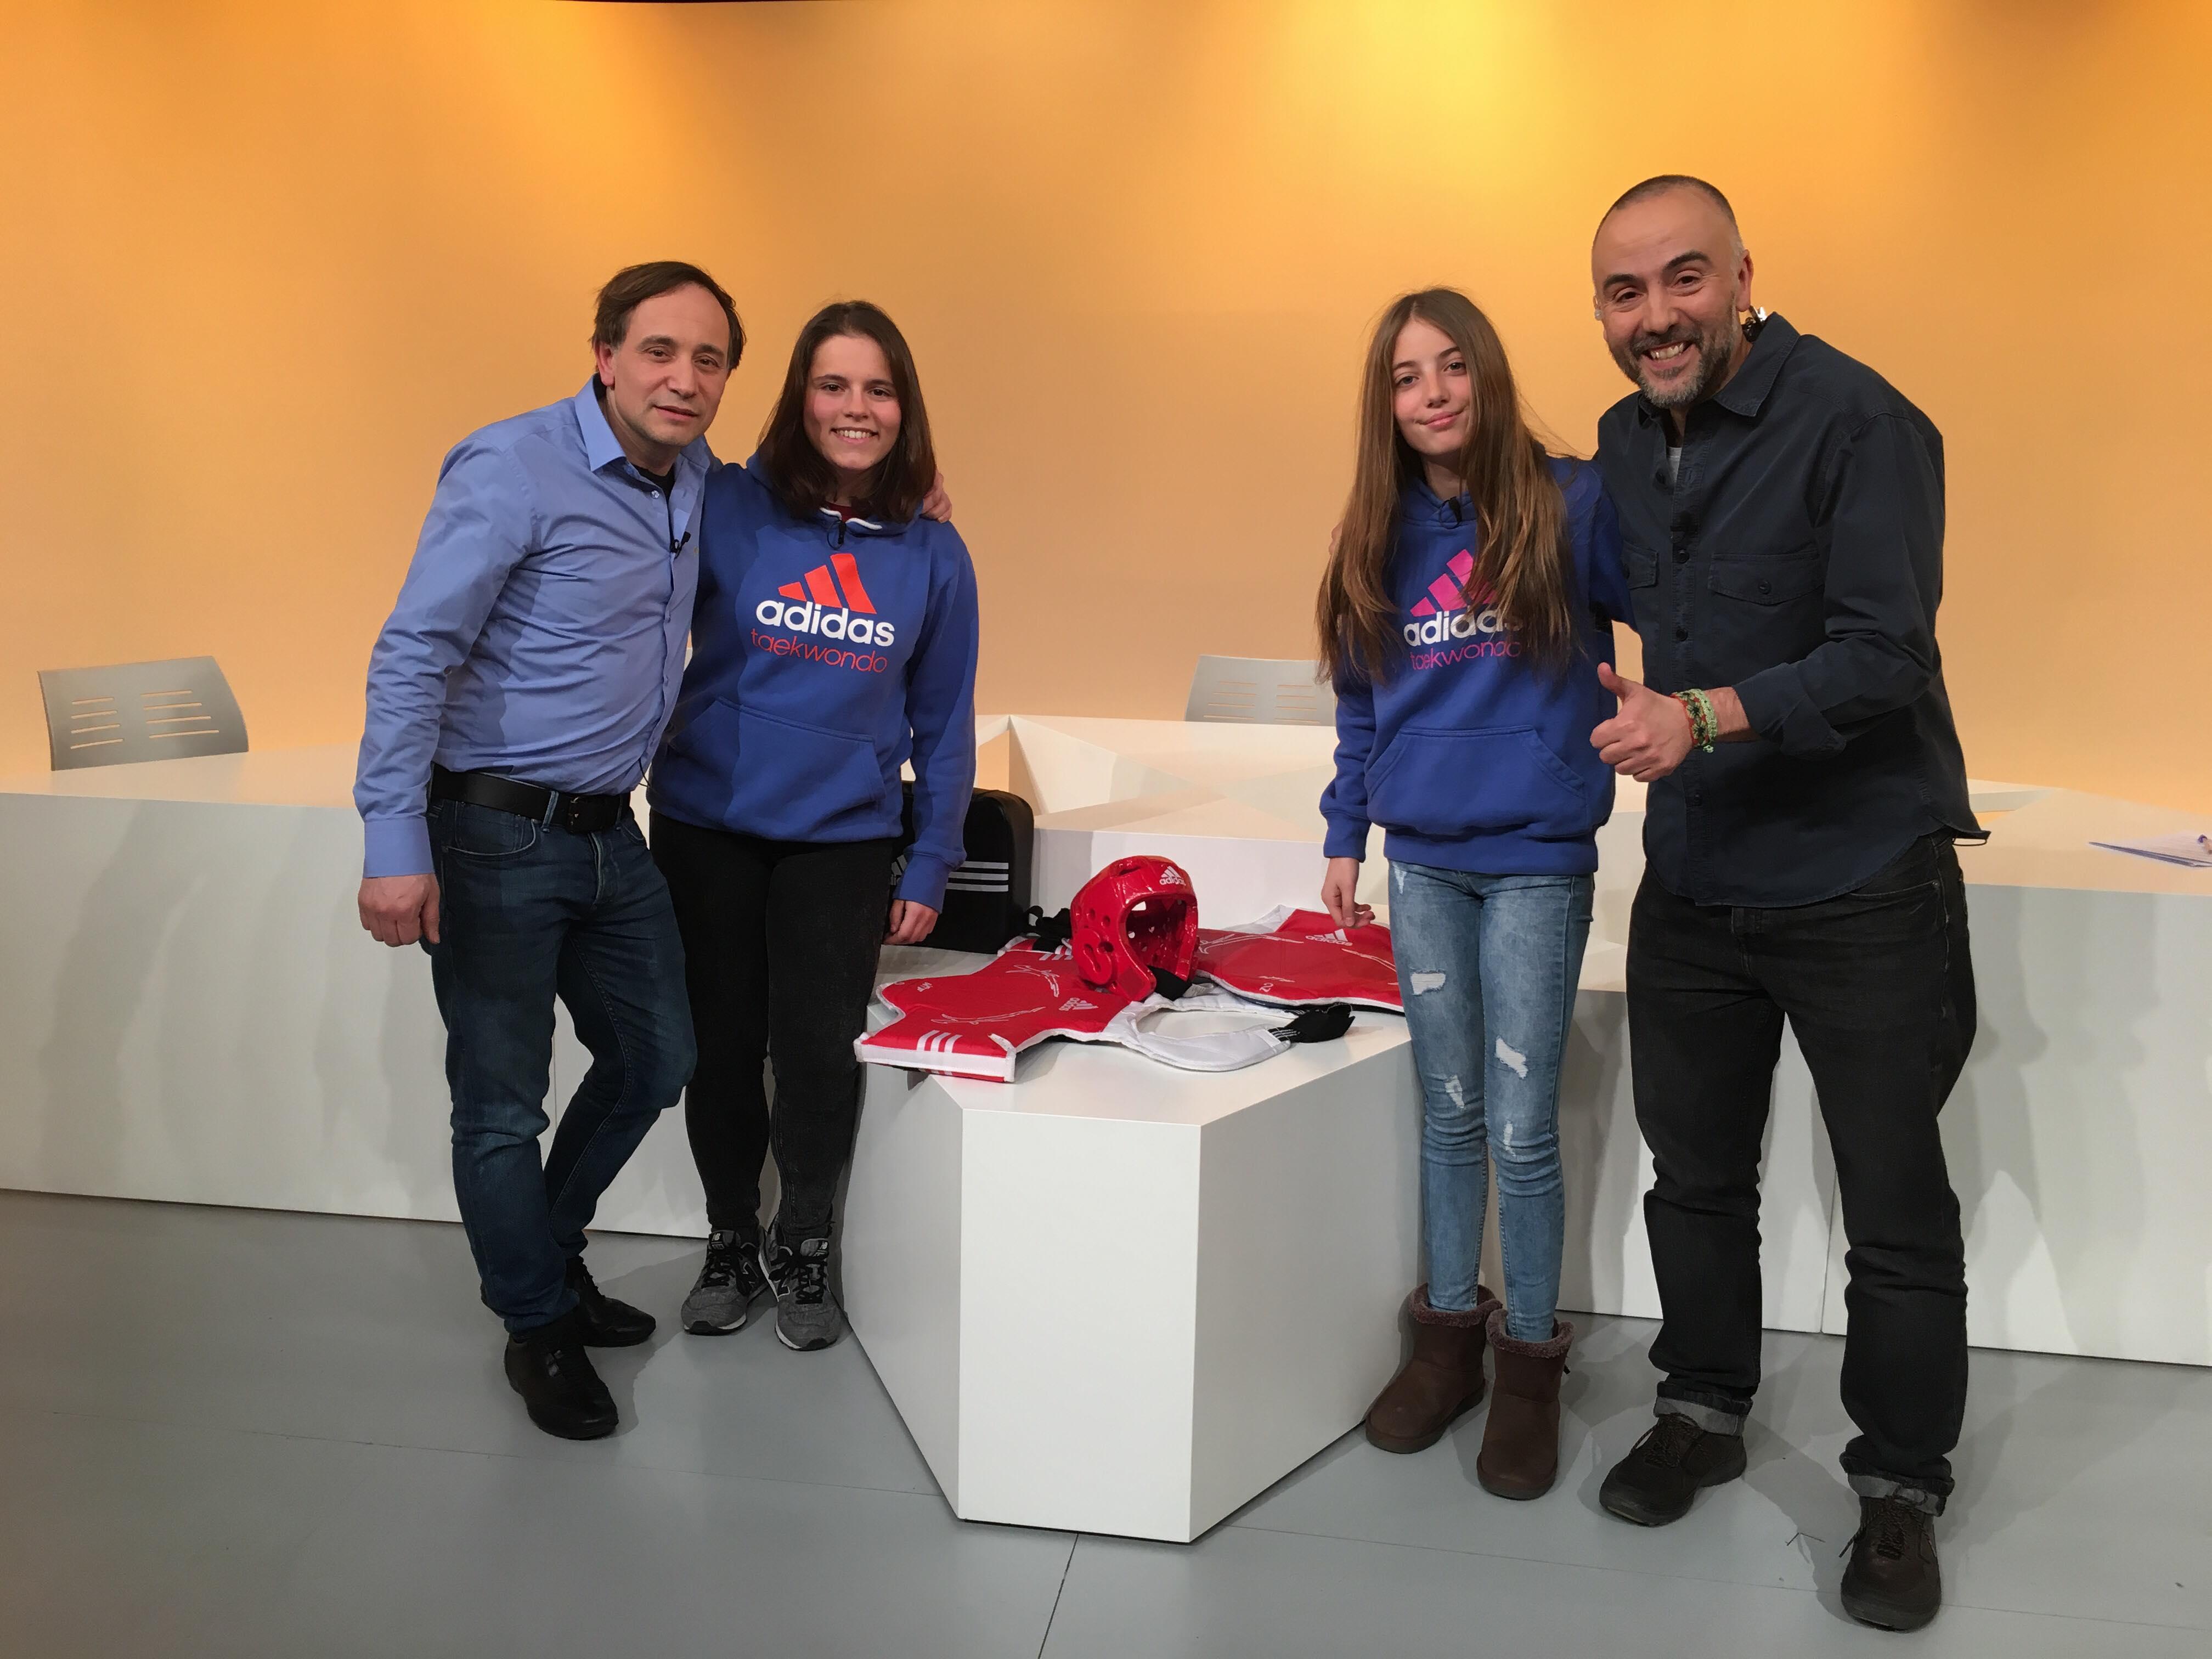 Dia E 3a Part - Naiara Liñán i Luz Zurdo, el futur del taekwondo andorrà